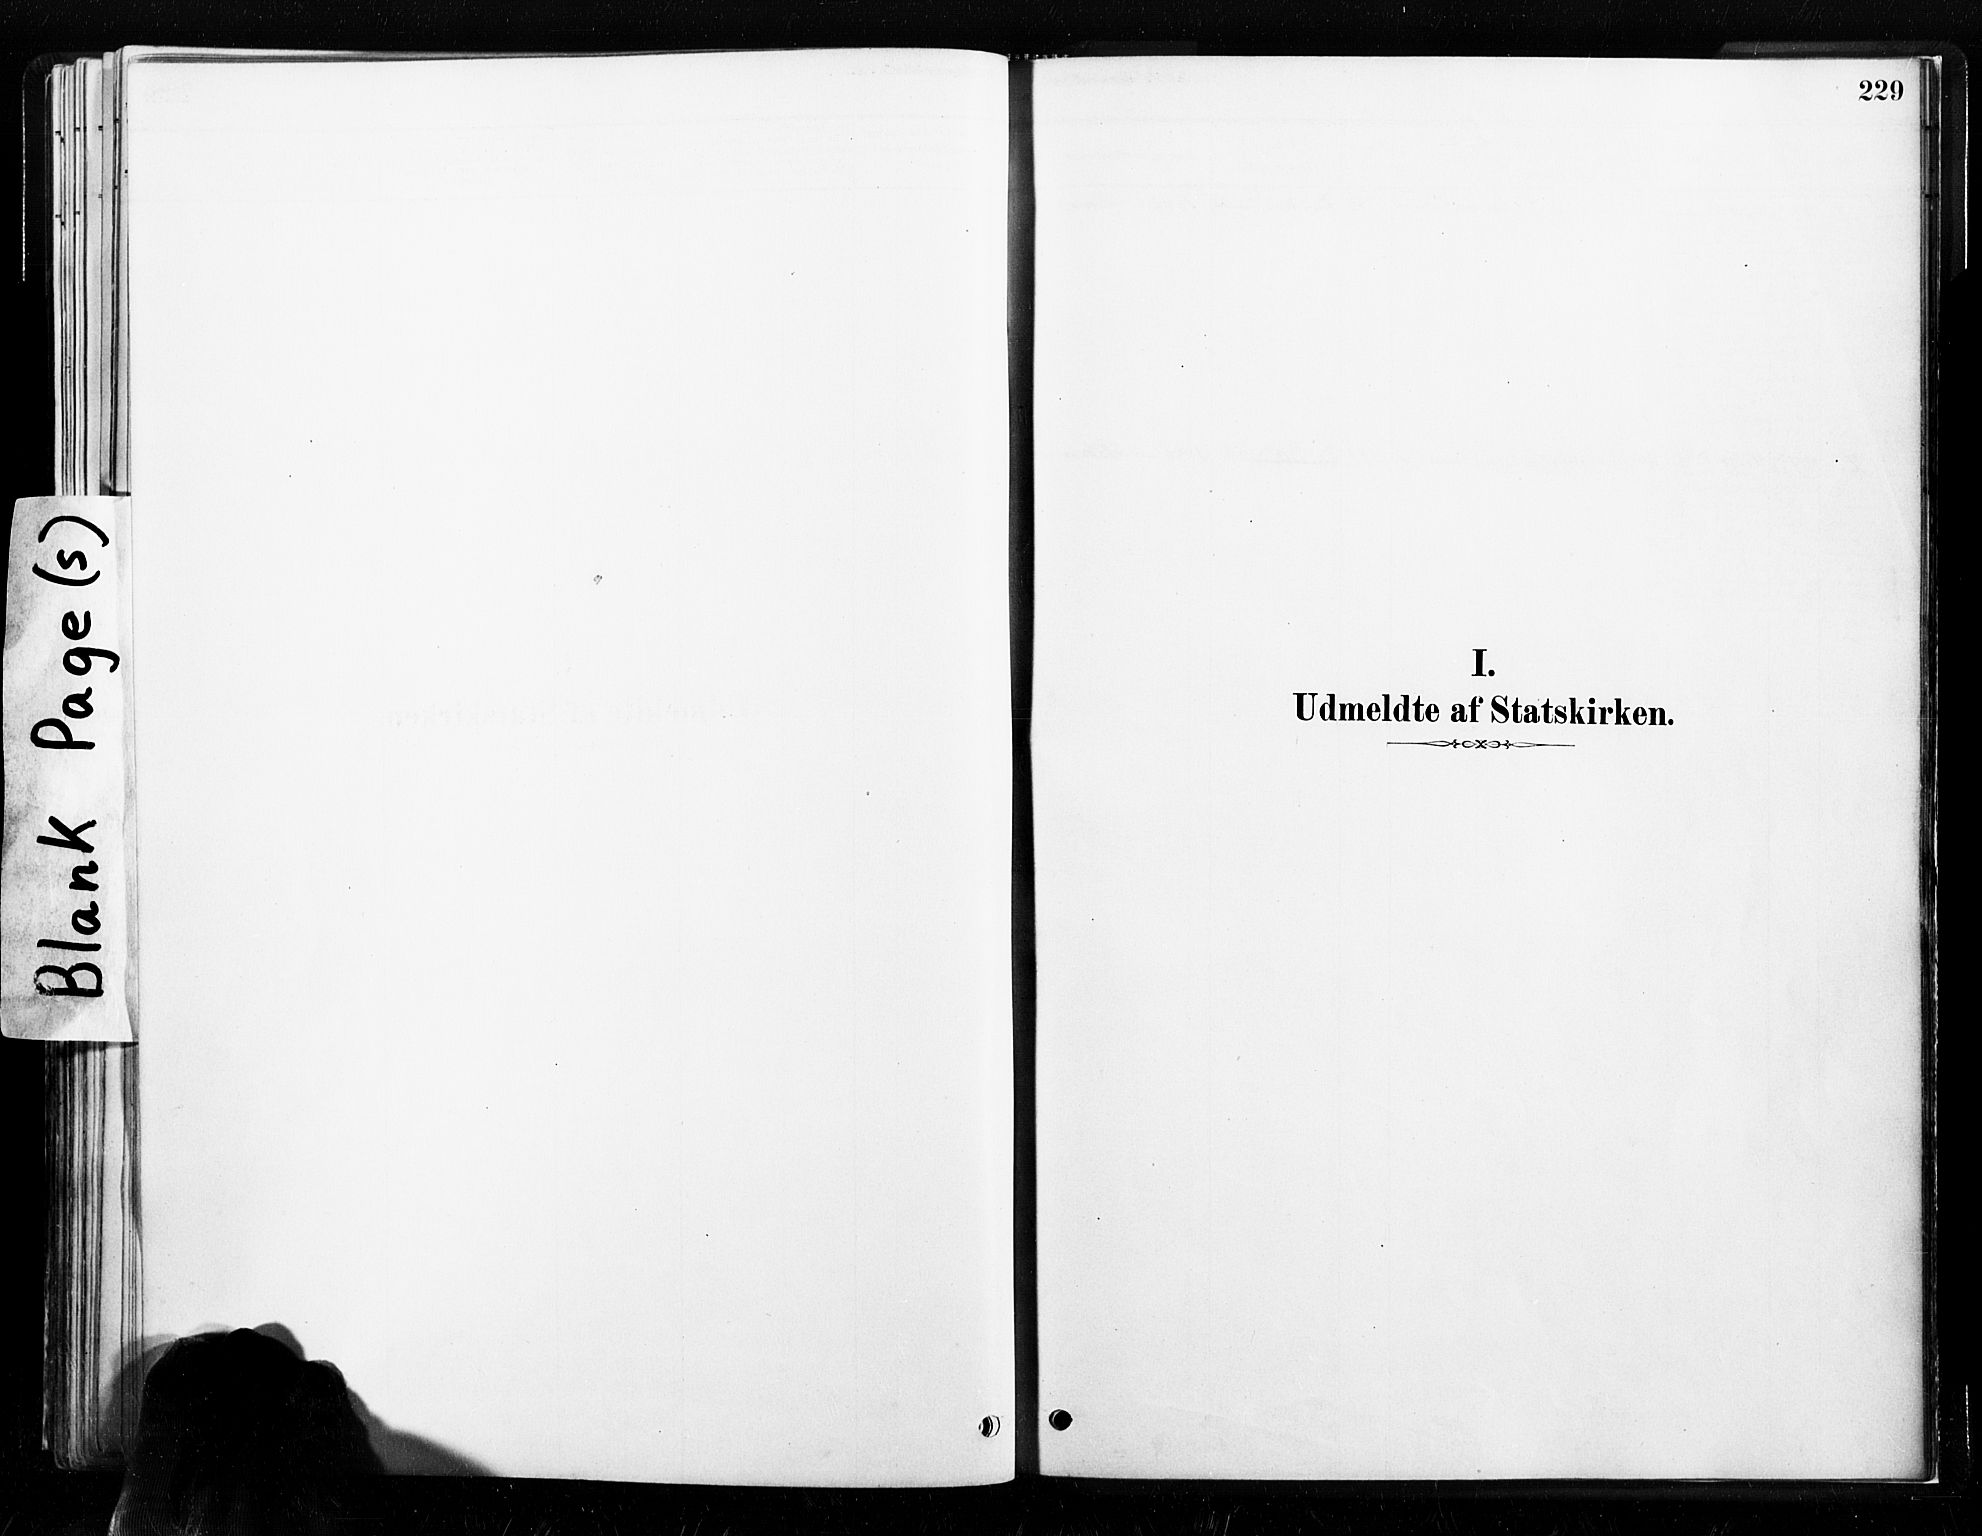 SAT, Ministerialprotokoller, klokkerbøker og fødselsregistre - Nord-Trøndelag, 789/L0705: Ministerialbok nr. 789A01, 1878-1910, s. 229